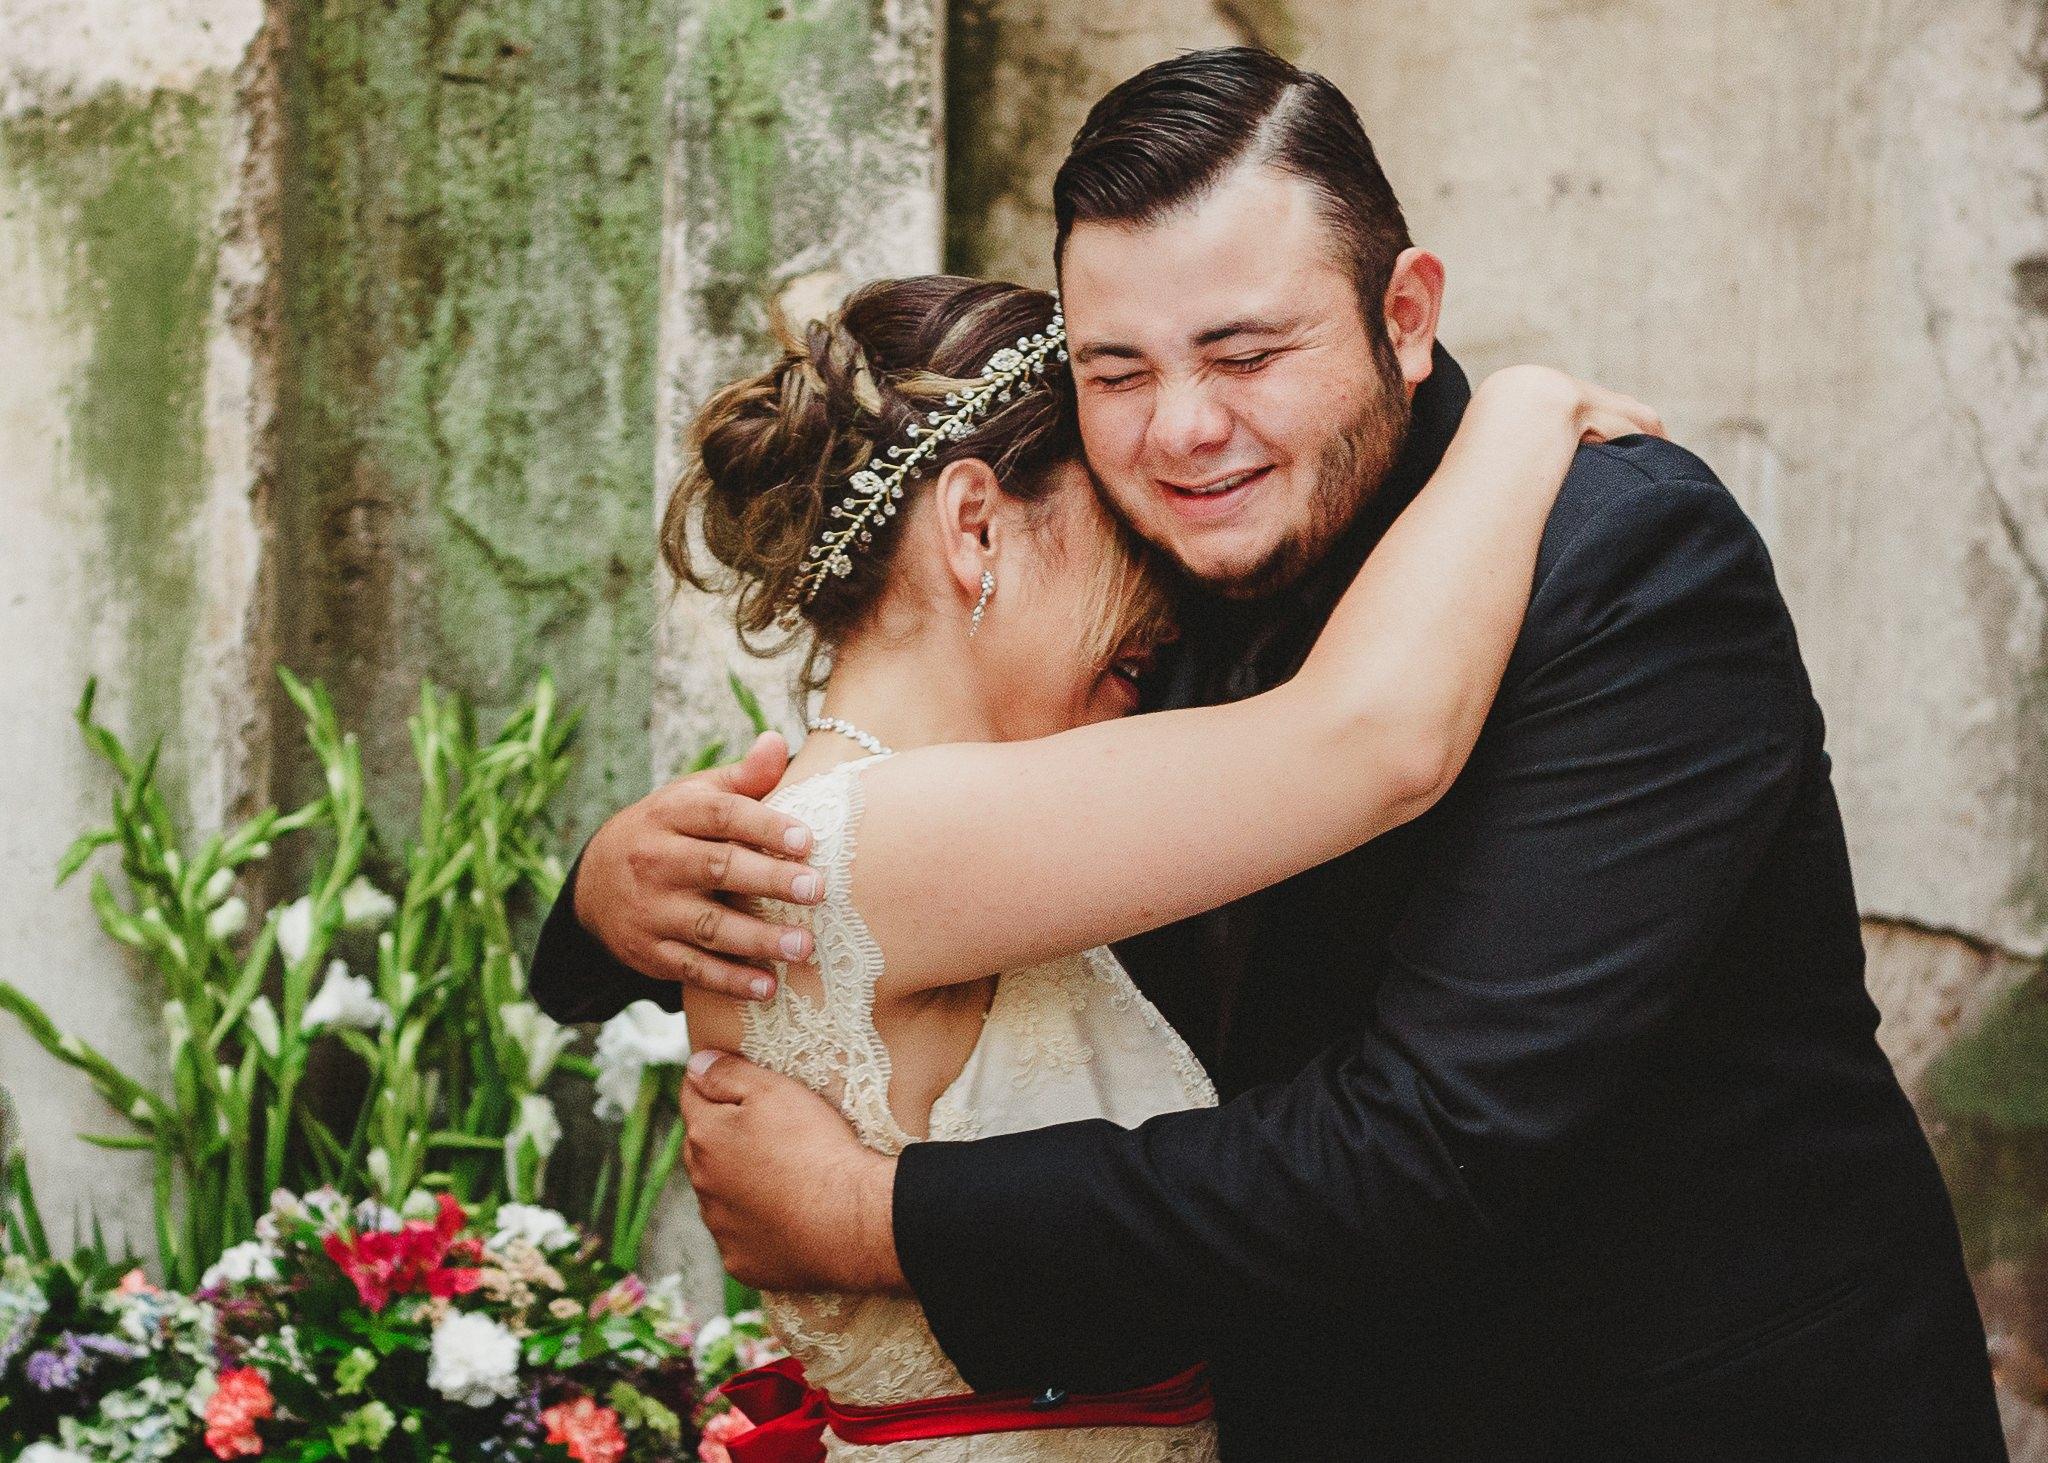 03boda-en-jardin-wedding-hacienda-los-cuartos-fotografo-luis-houdin99